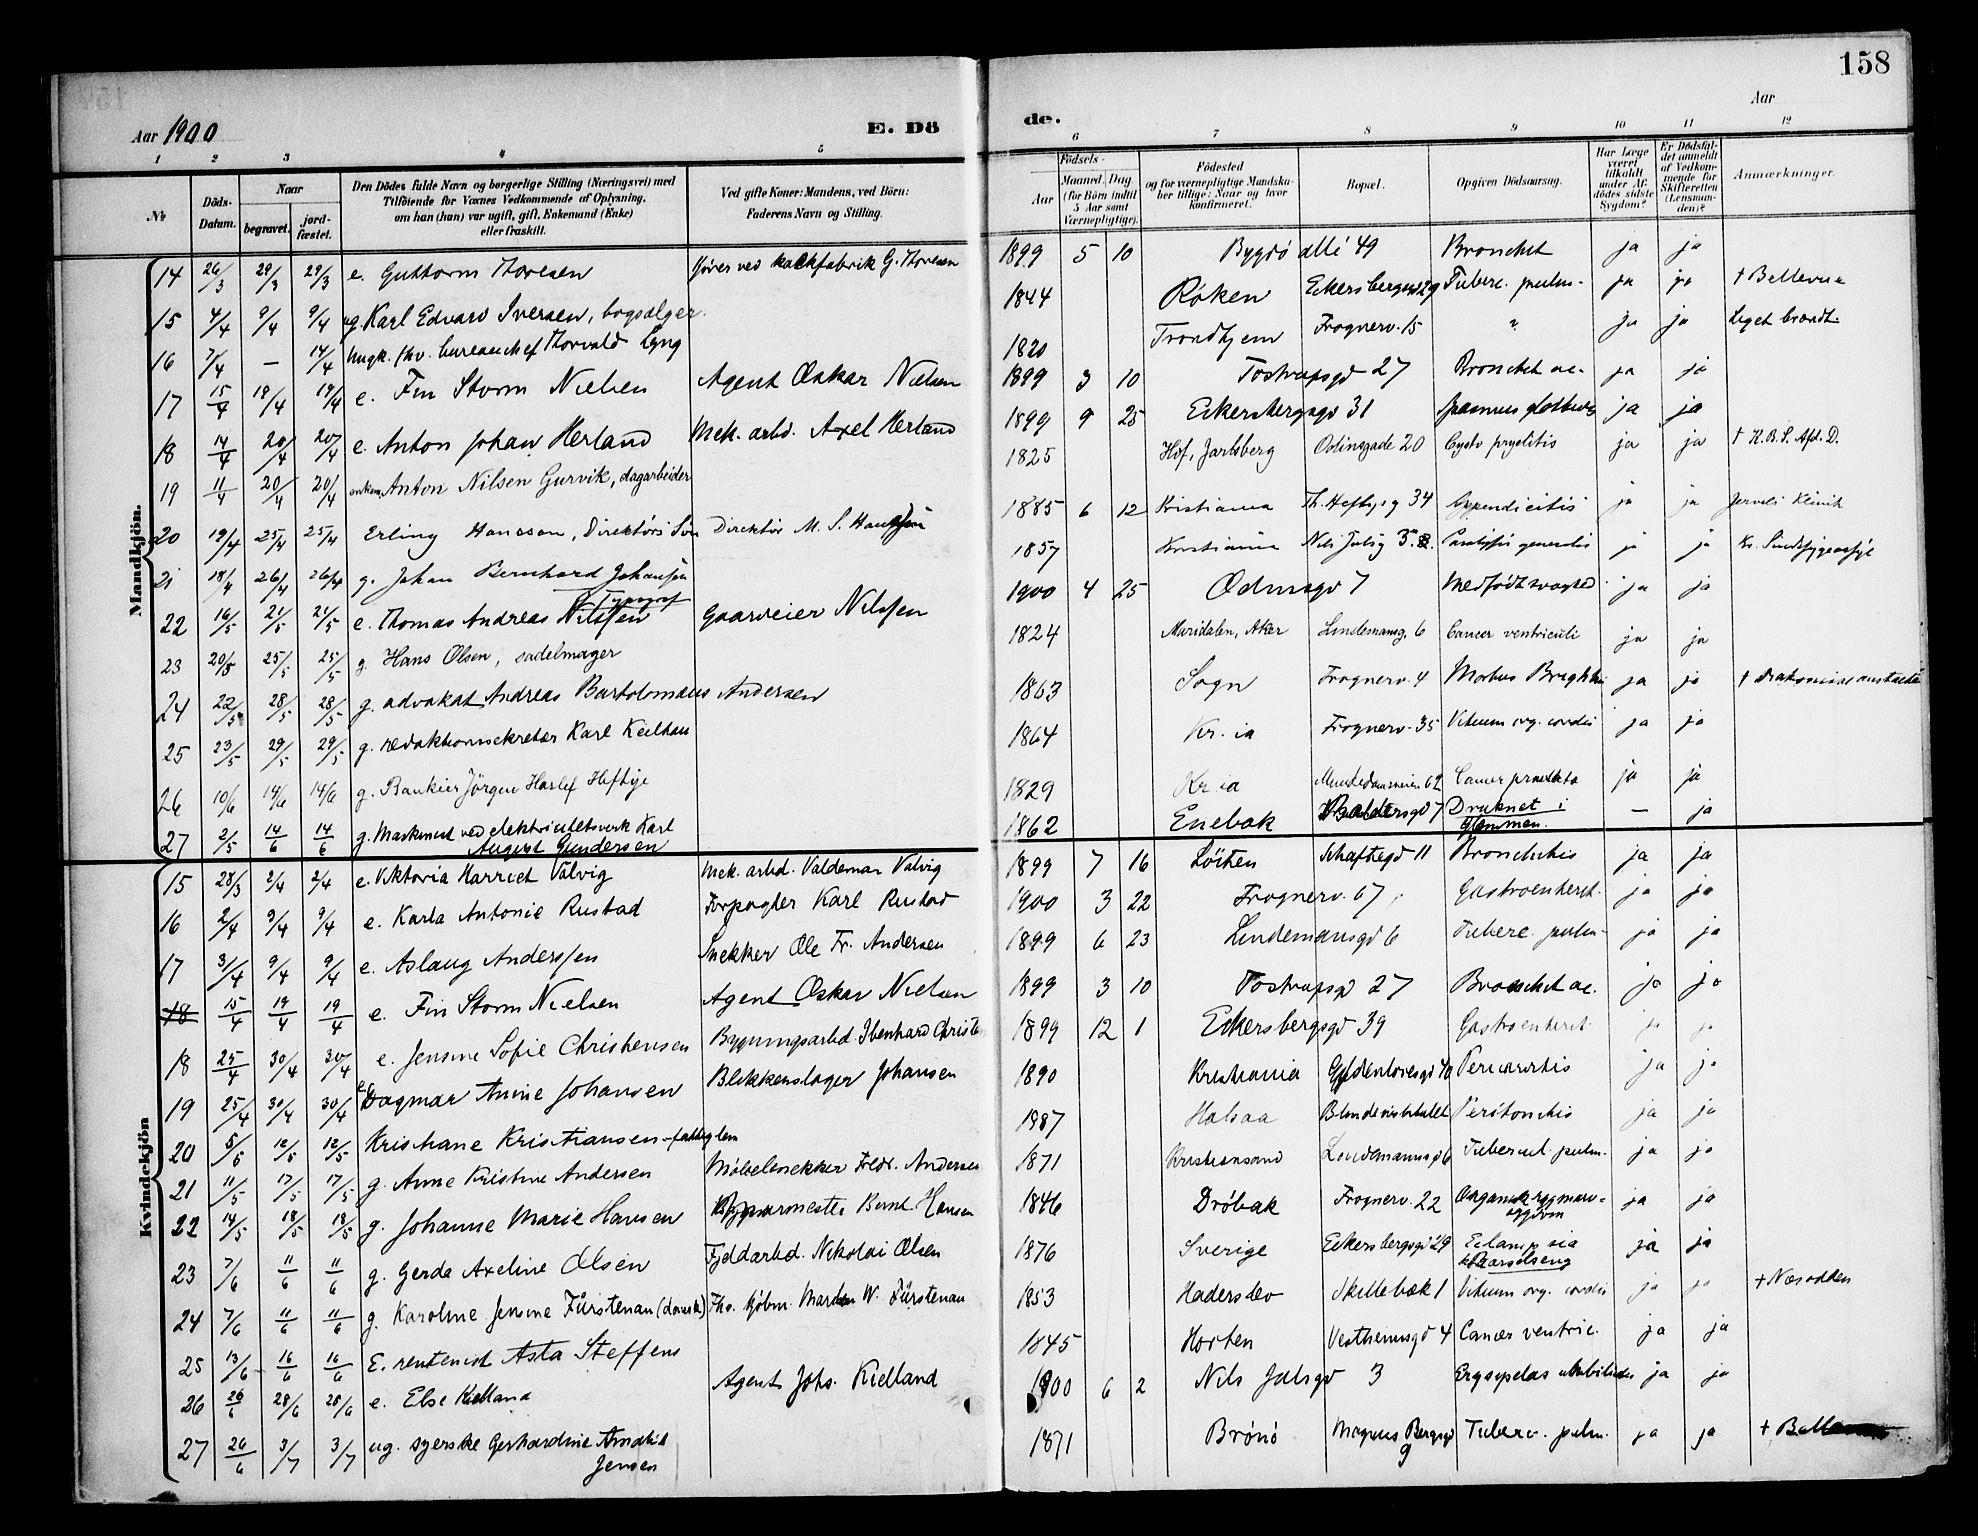 SAO, Frogner prestekontor Kirkebøker, F/Fa/L0004: Ministerialbok nr. 4, 1898-1921, s. 158